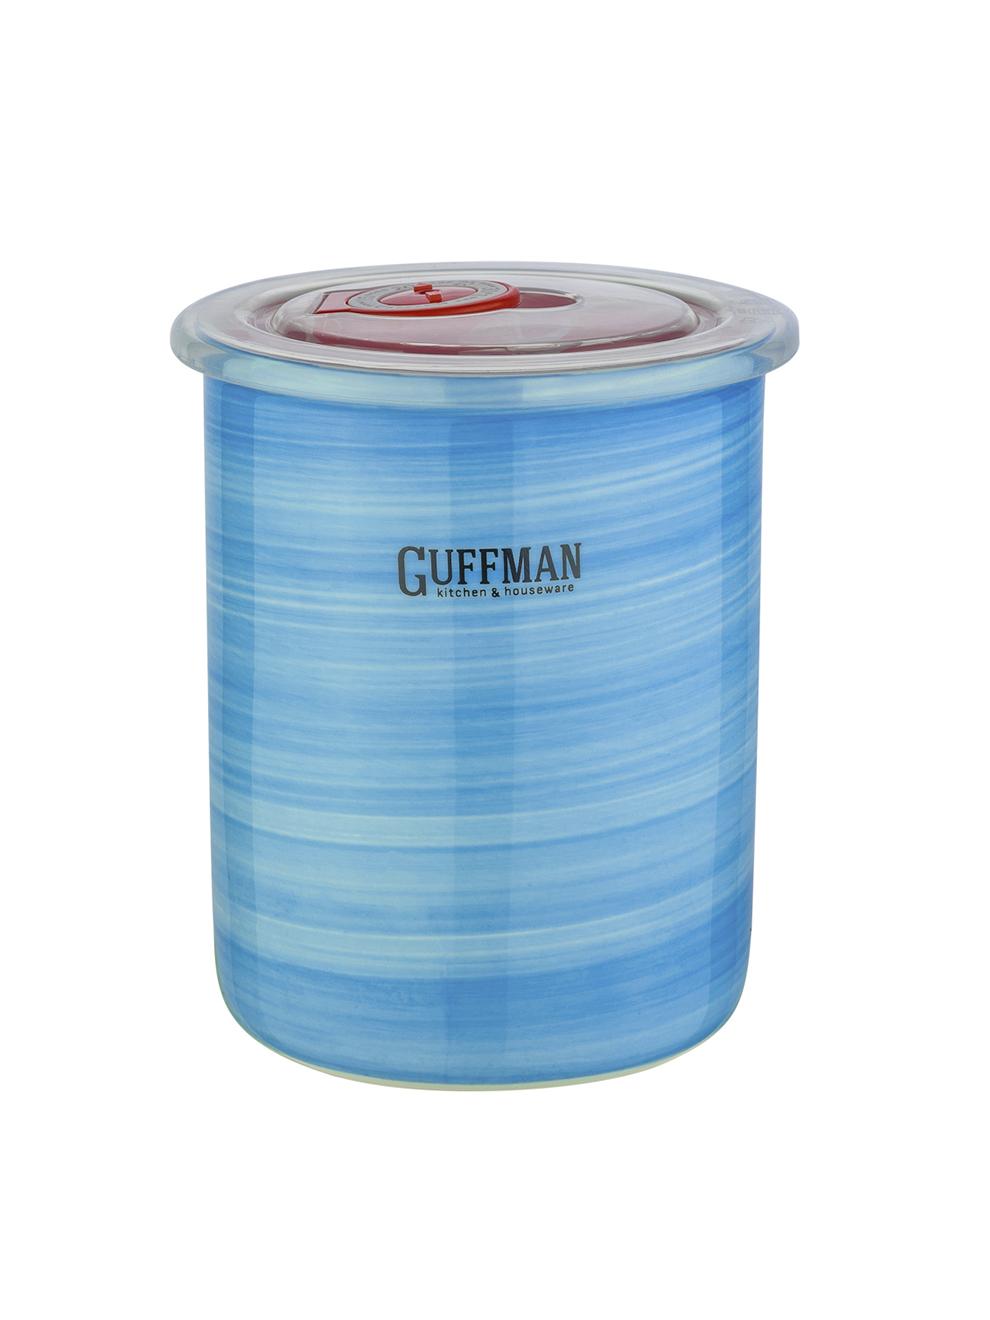 Банка керамическая с крышкой 0,6л Guffman голубая